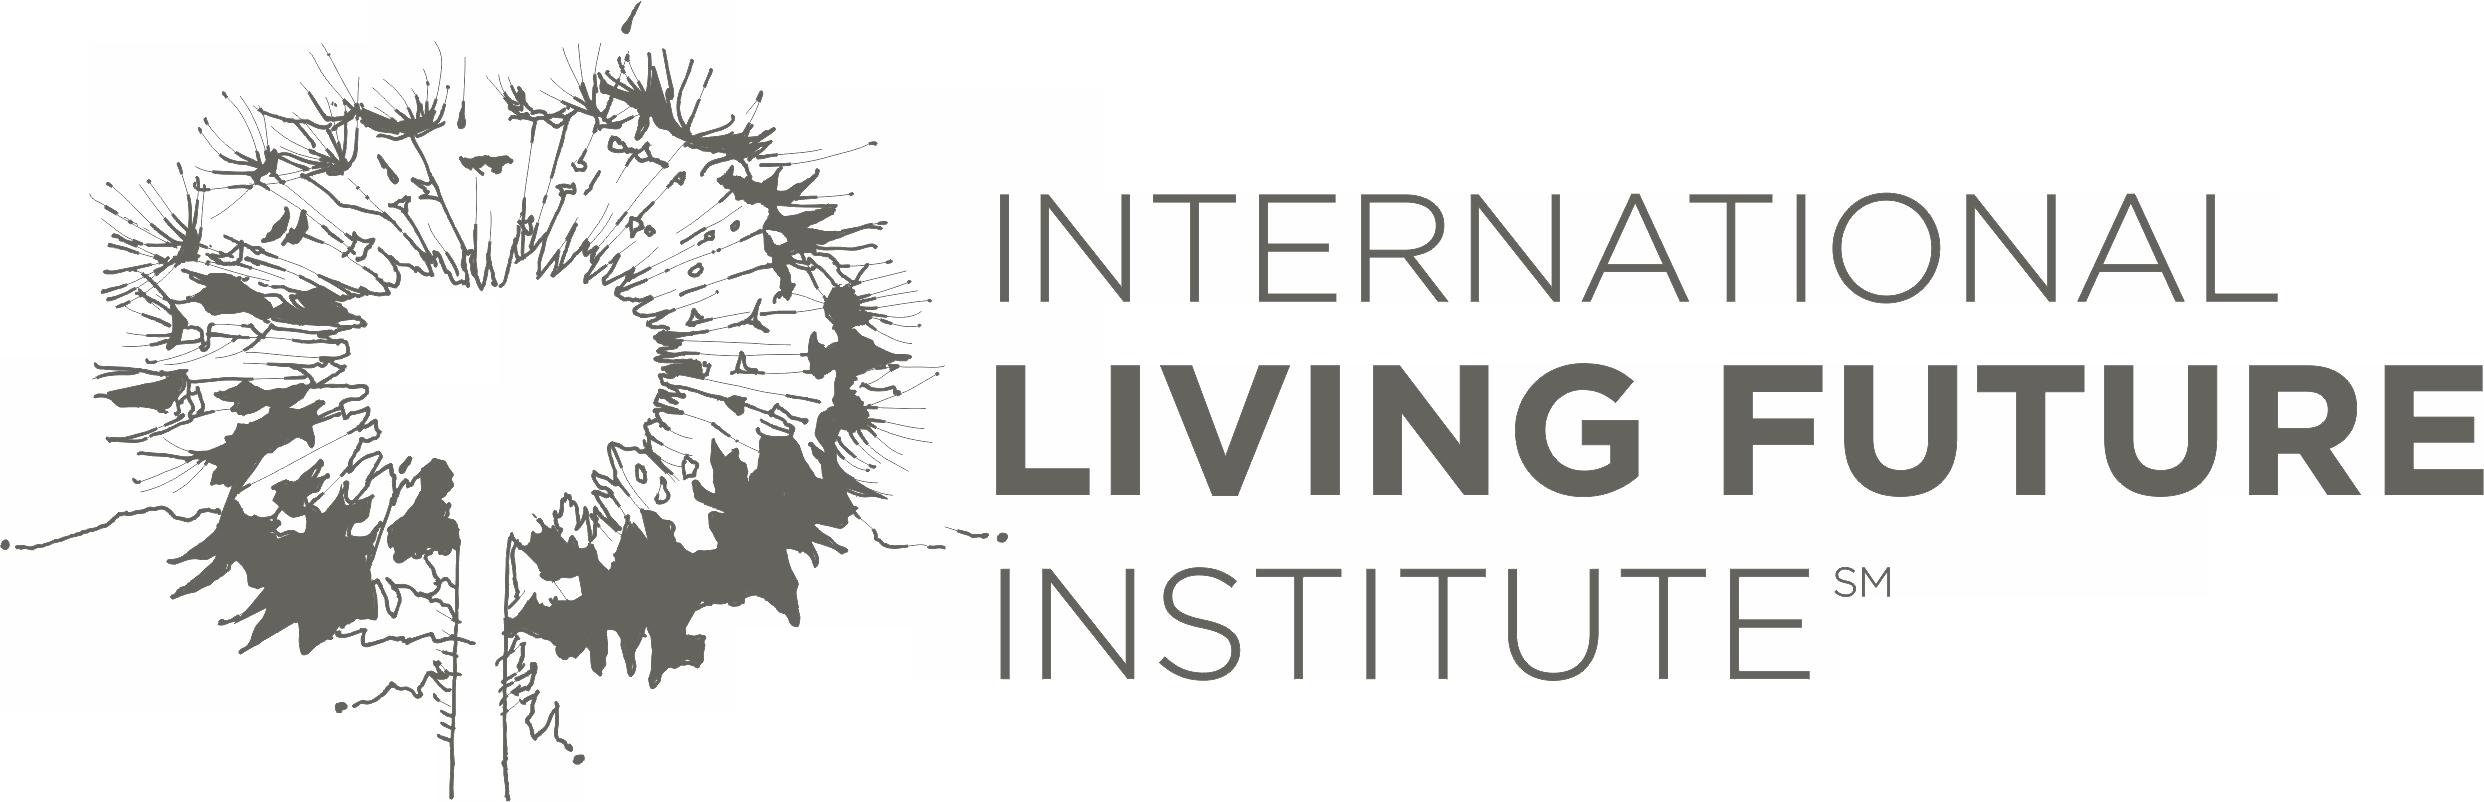 living_future_institute_logo